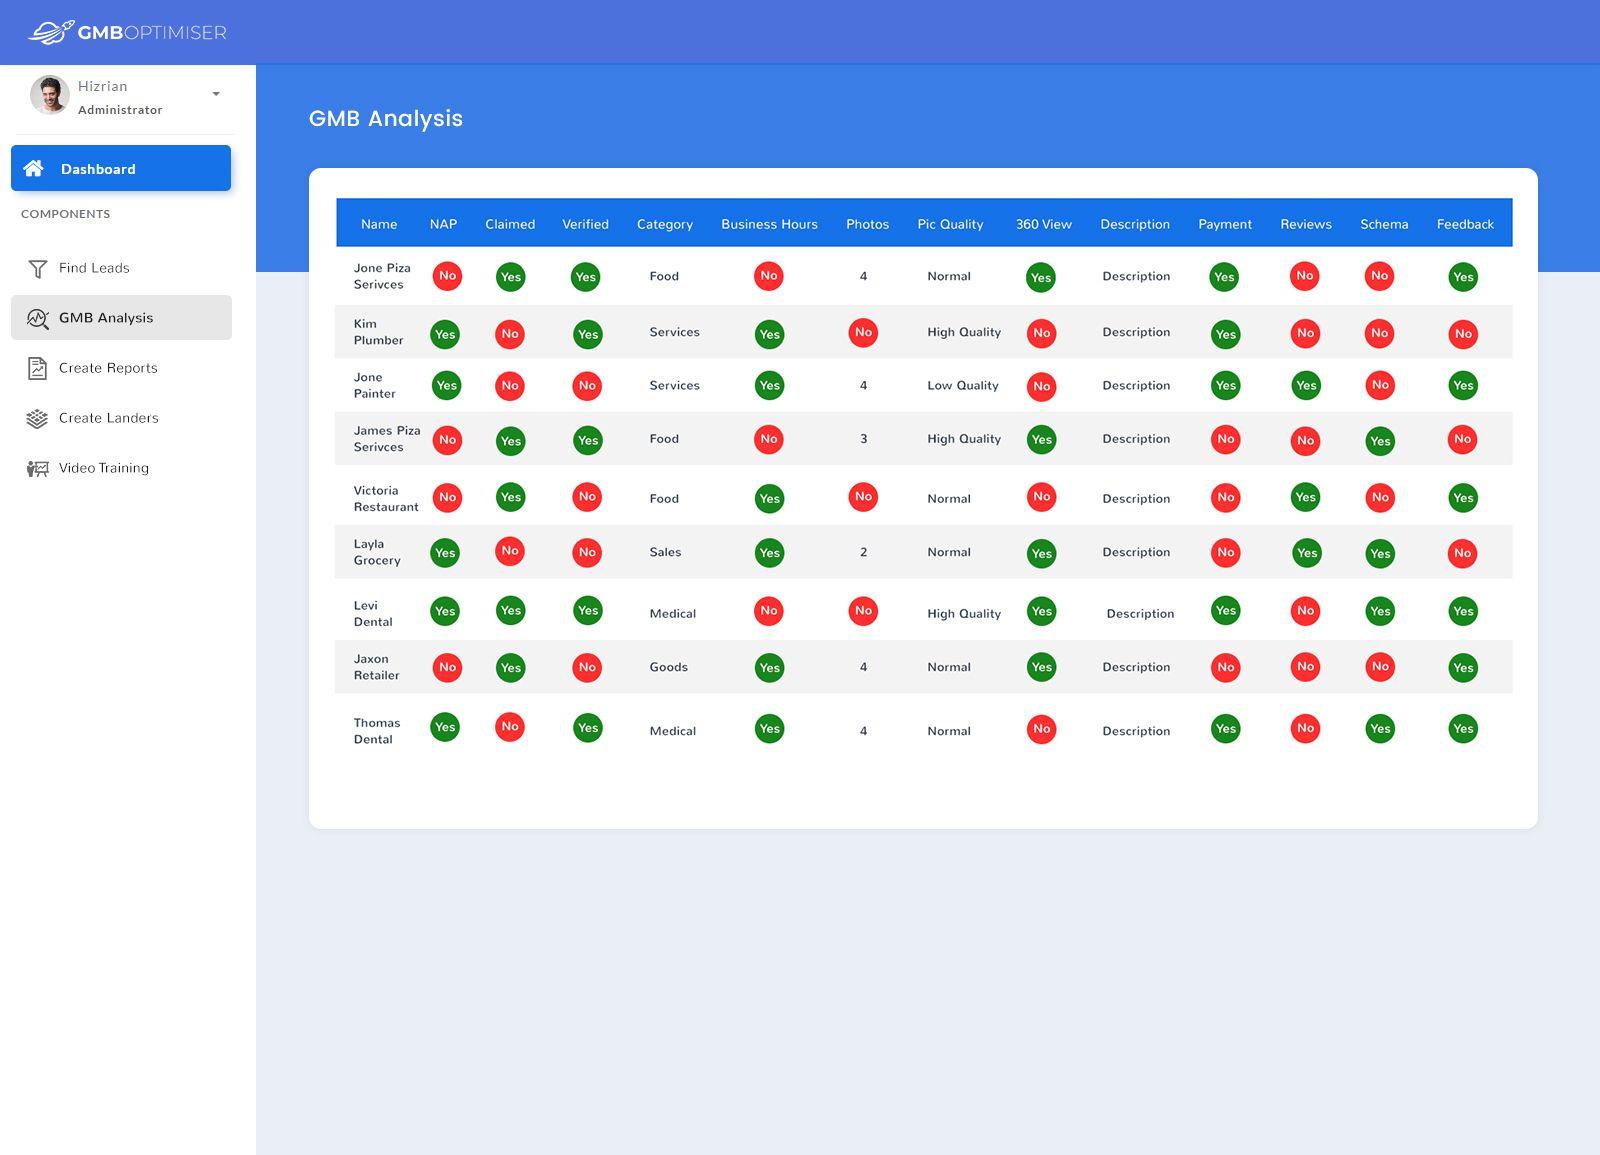 GMB-Optimiser-Software